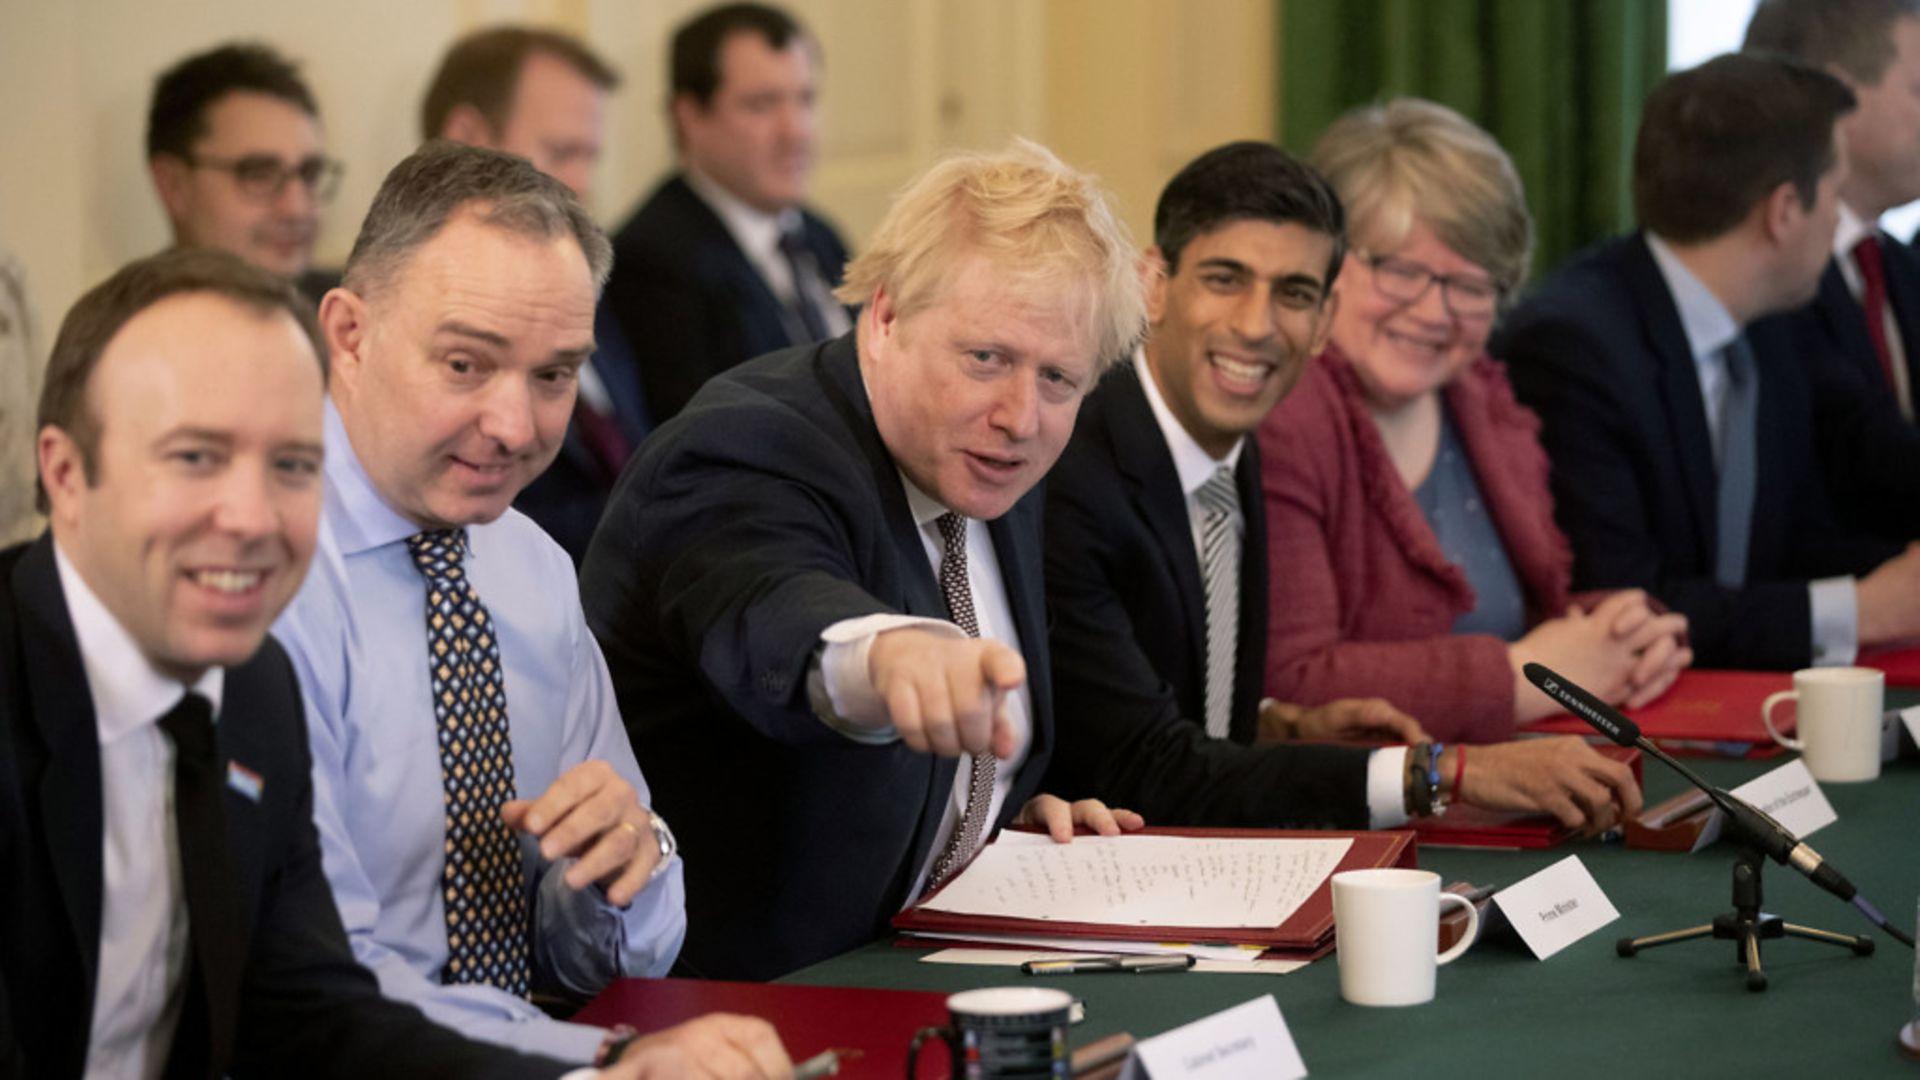 Boris Johnson alongside cabinet members - Credit: Matt Dunham/PA Wire